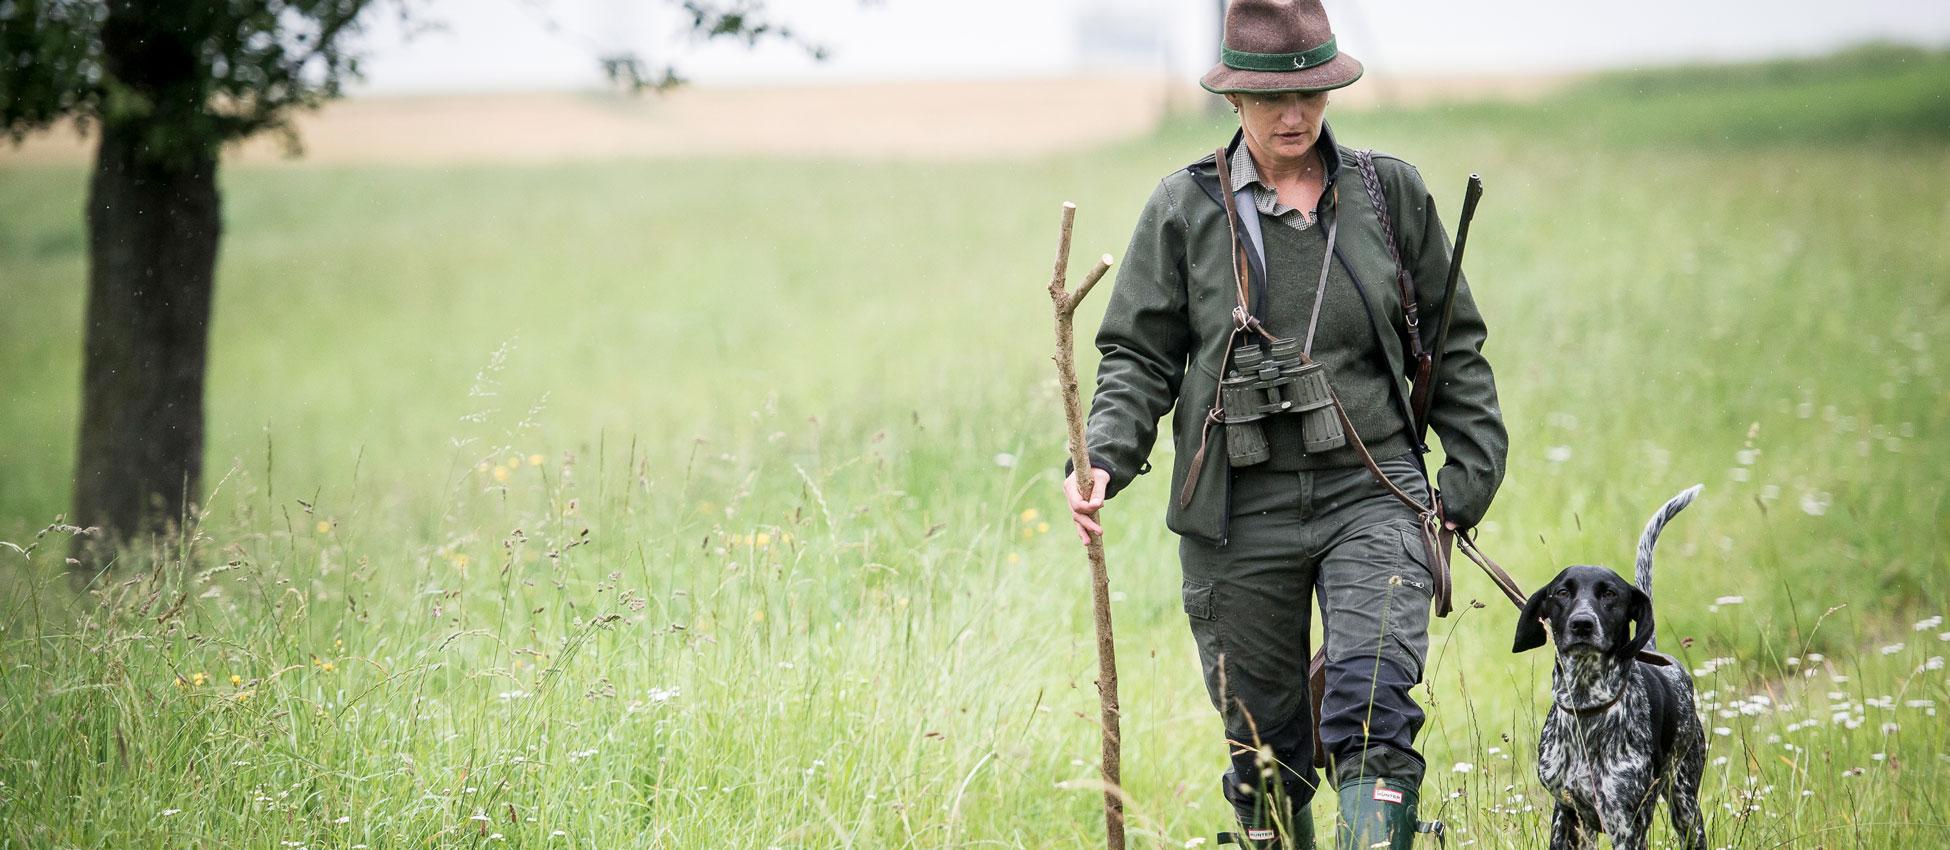 Jagd Österreich, Kompetenzen - Tradition